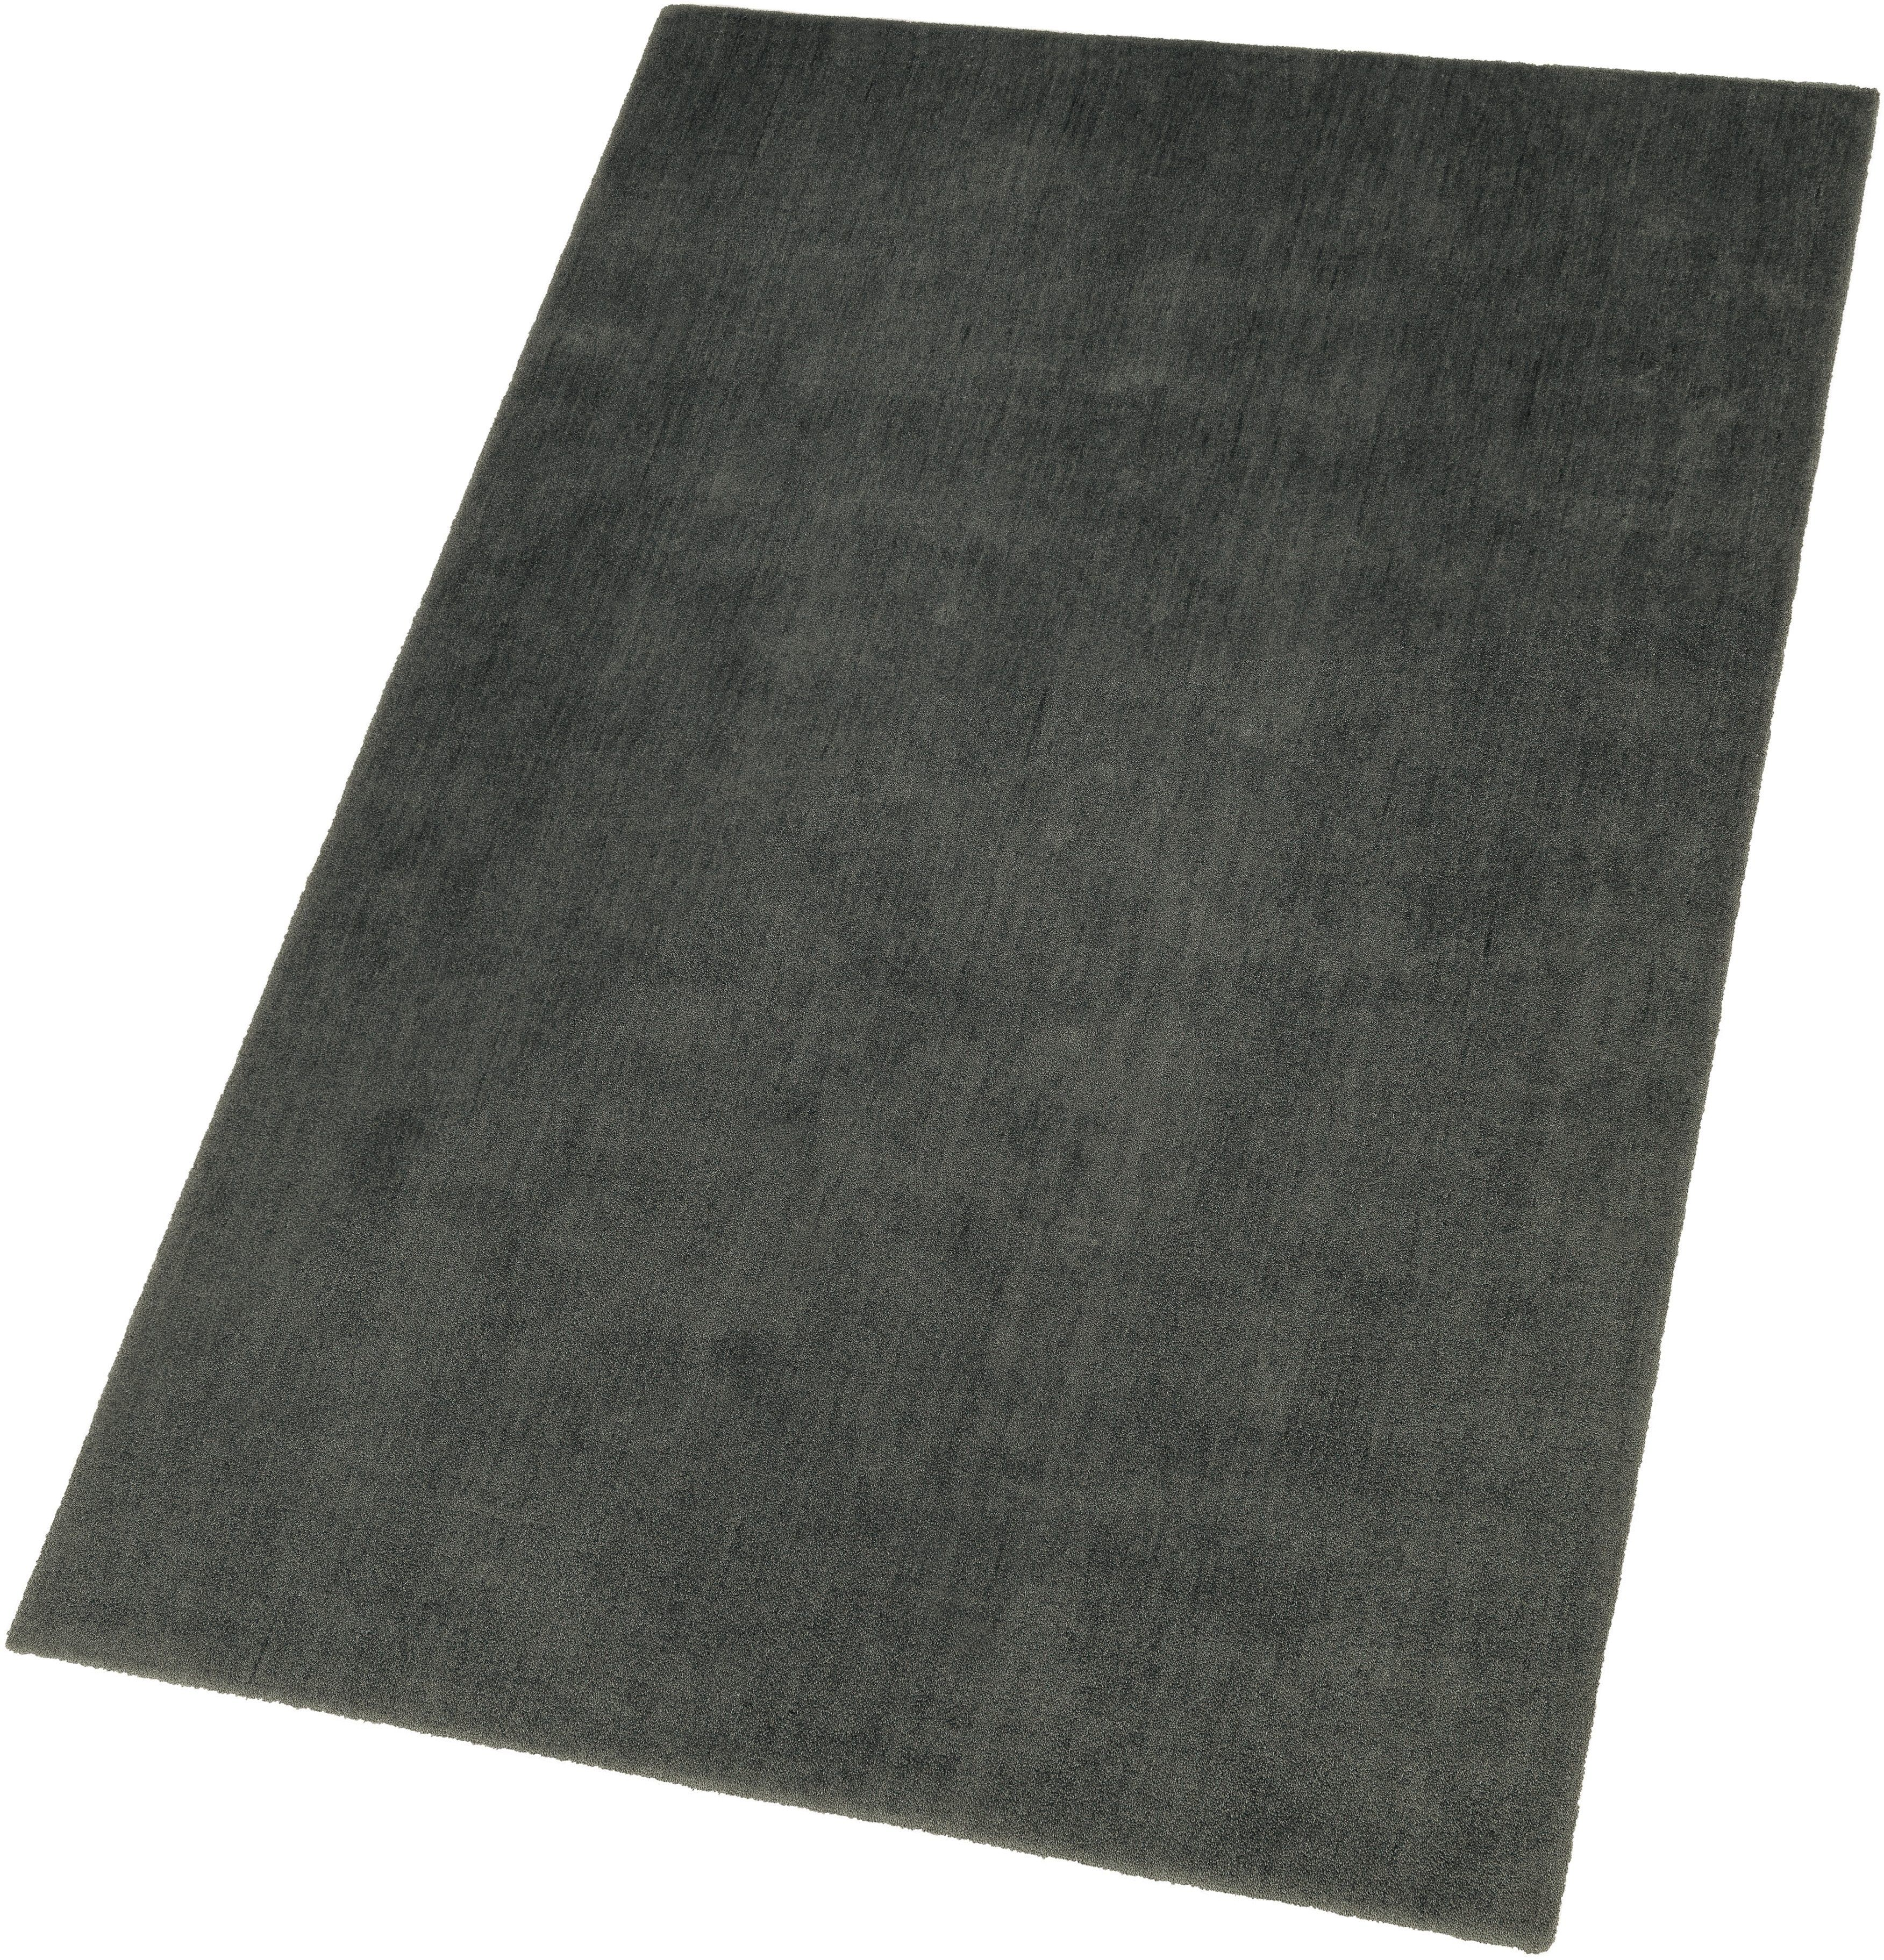 Teppich Schoner Wohnen Kollektion Victoria Handgetuftet Jetzt Bestellen Unter Https Moebel Ladendirekt De Heimtextilie Teppich Textilien Schoner Wohnen